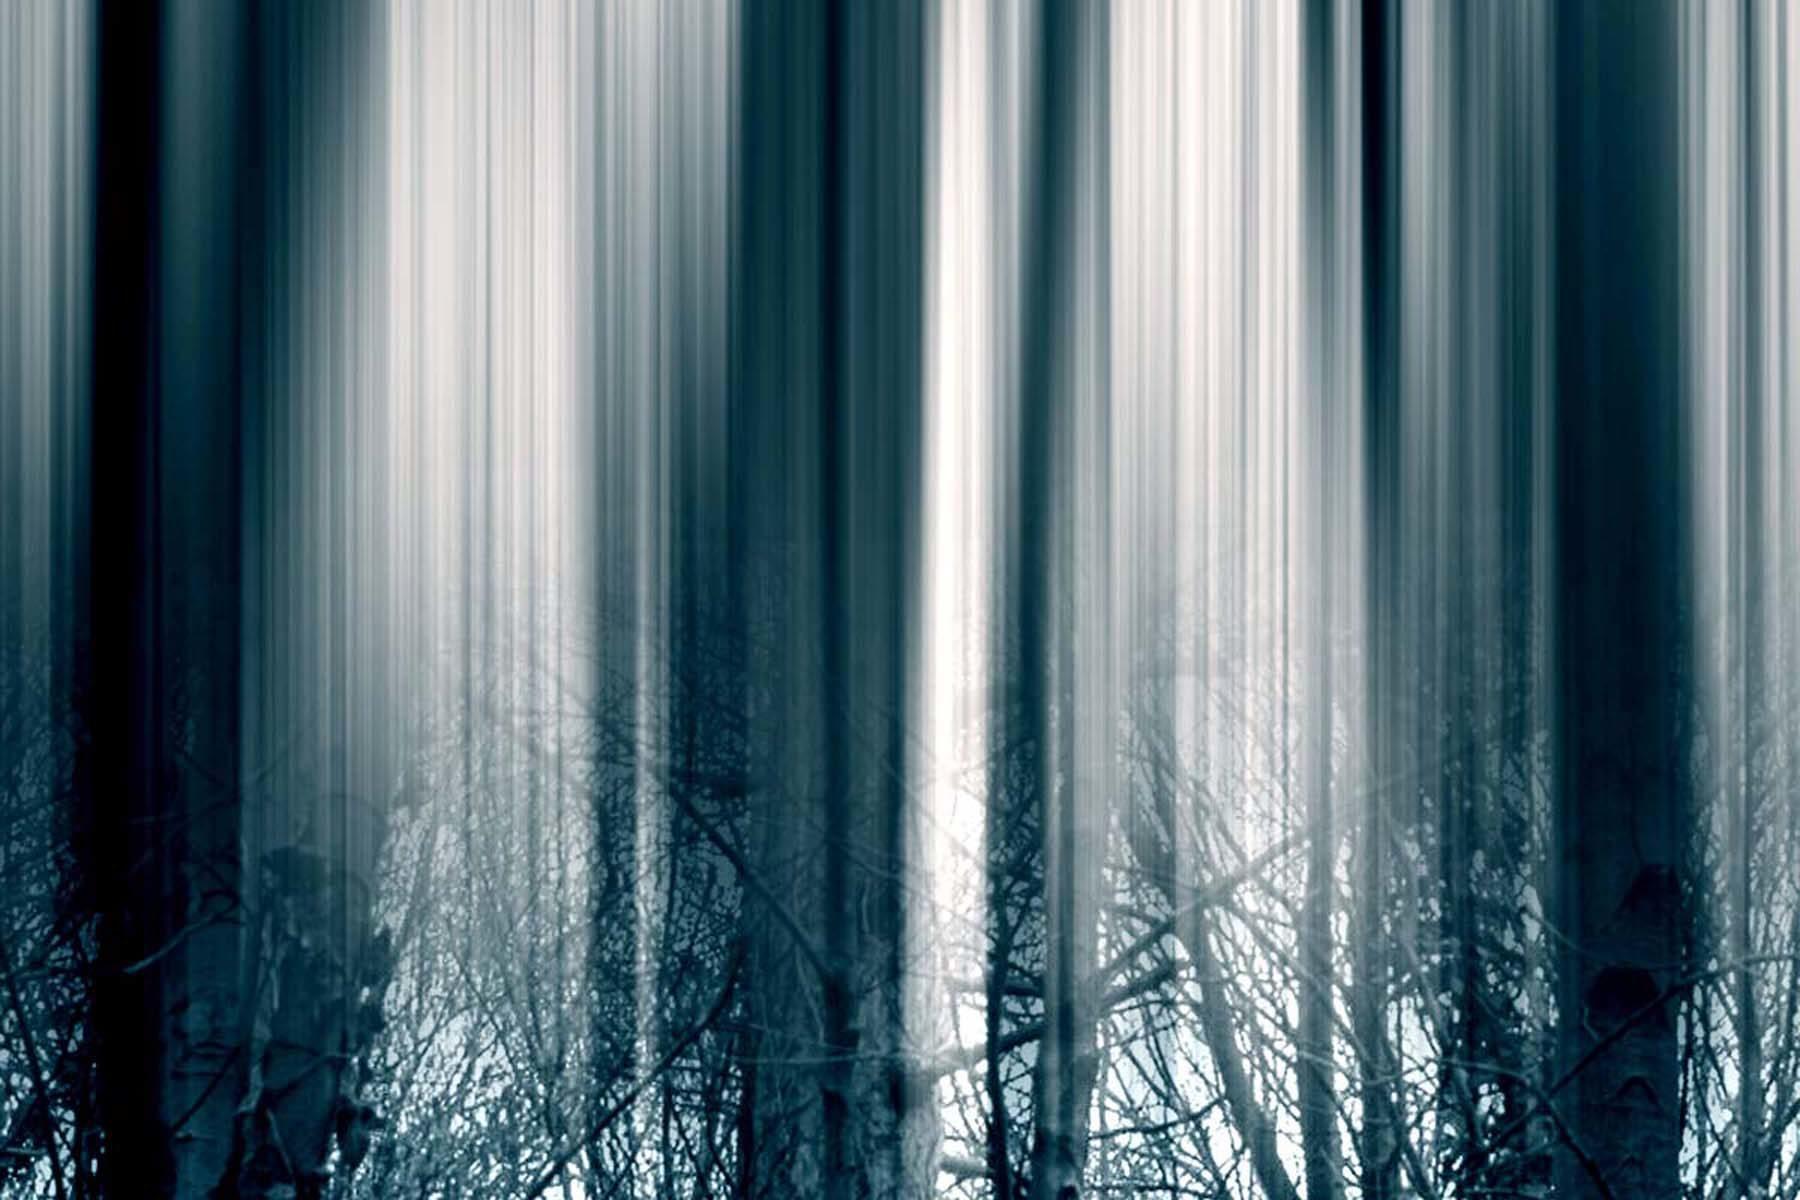 G. Dell'Antonia, I miei infiniti alberi (Castello), 2014, print on paper, 22 x 32 cm